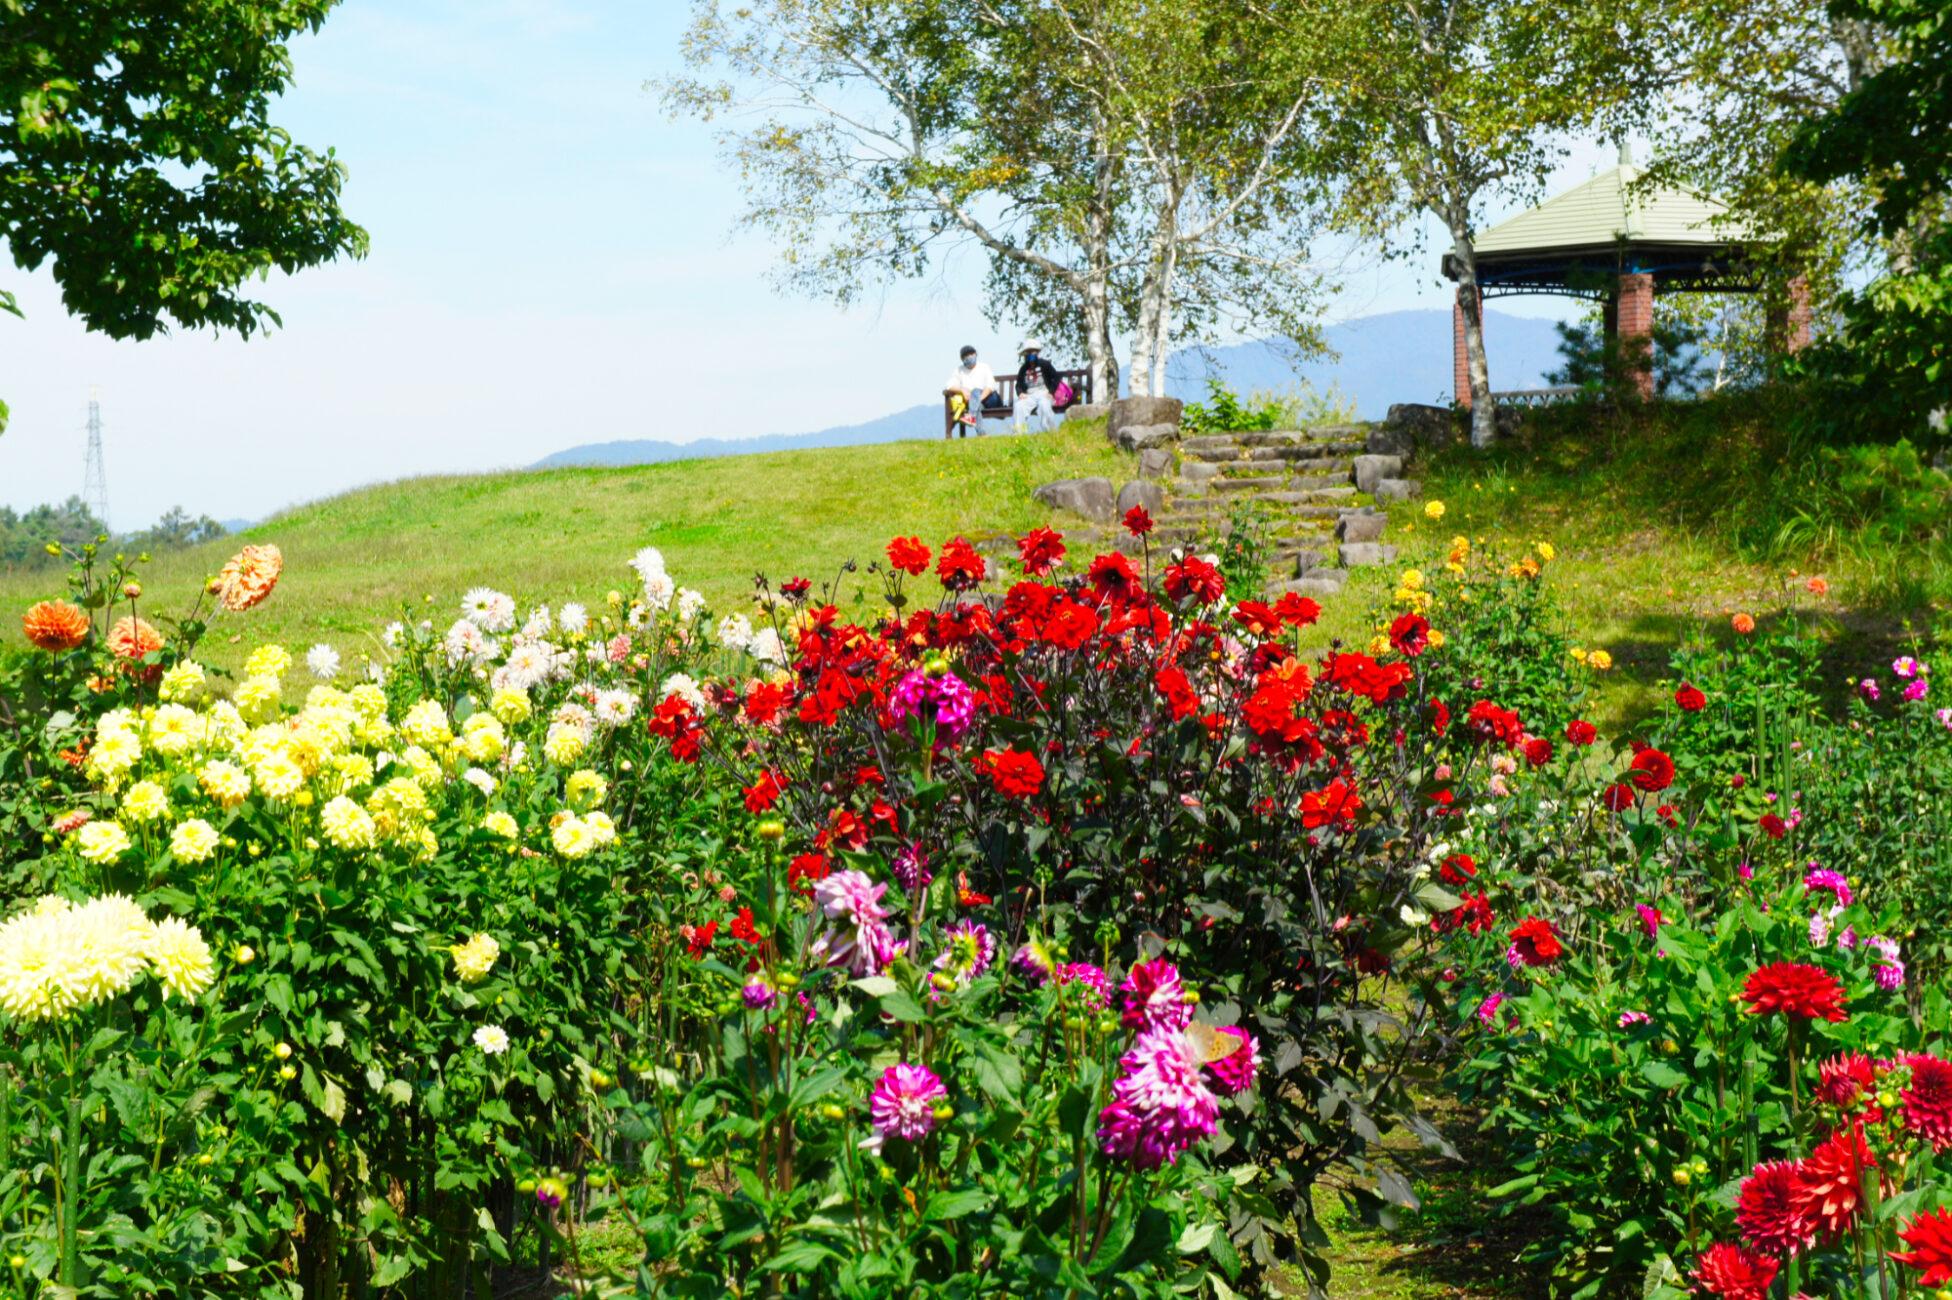 木島平村 やまびこの丘公園のダリア園